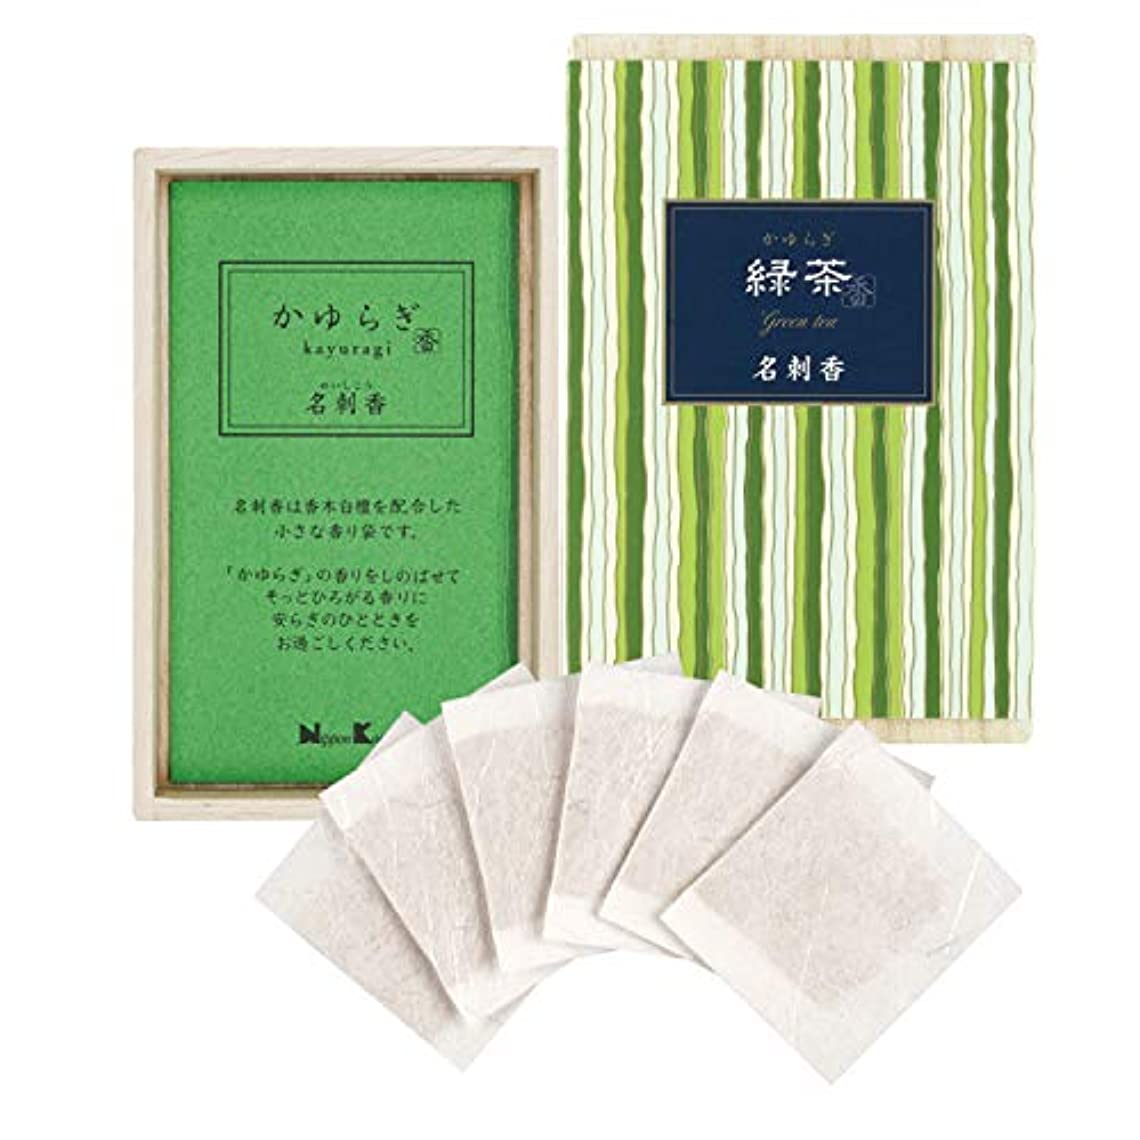 応答引数トリップかゆらぎ 緑茶 名刺香 桐箱 6入